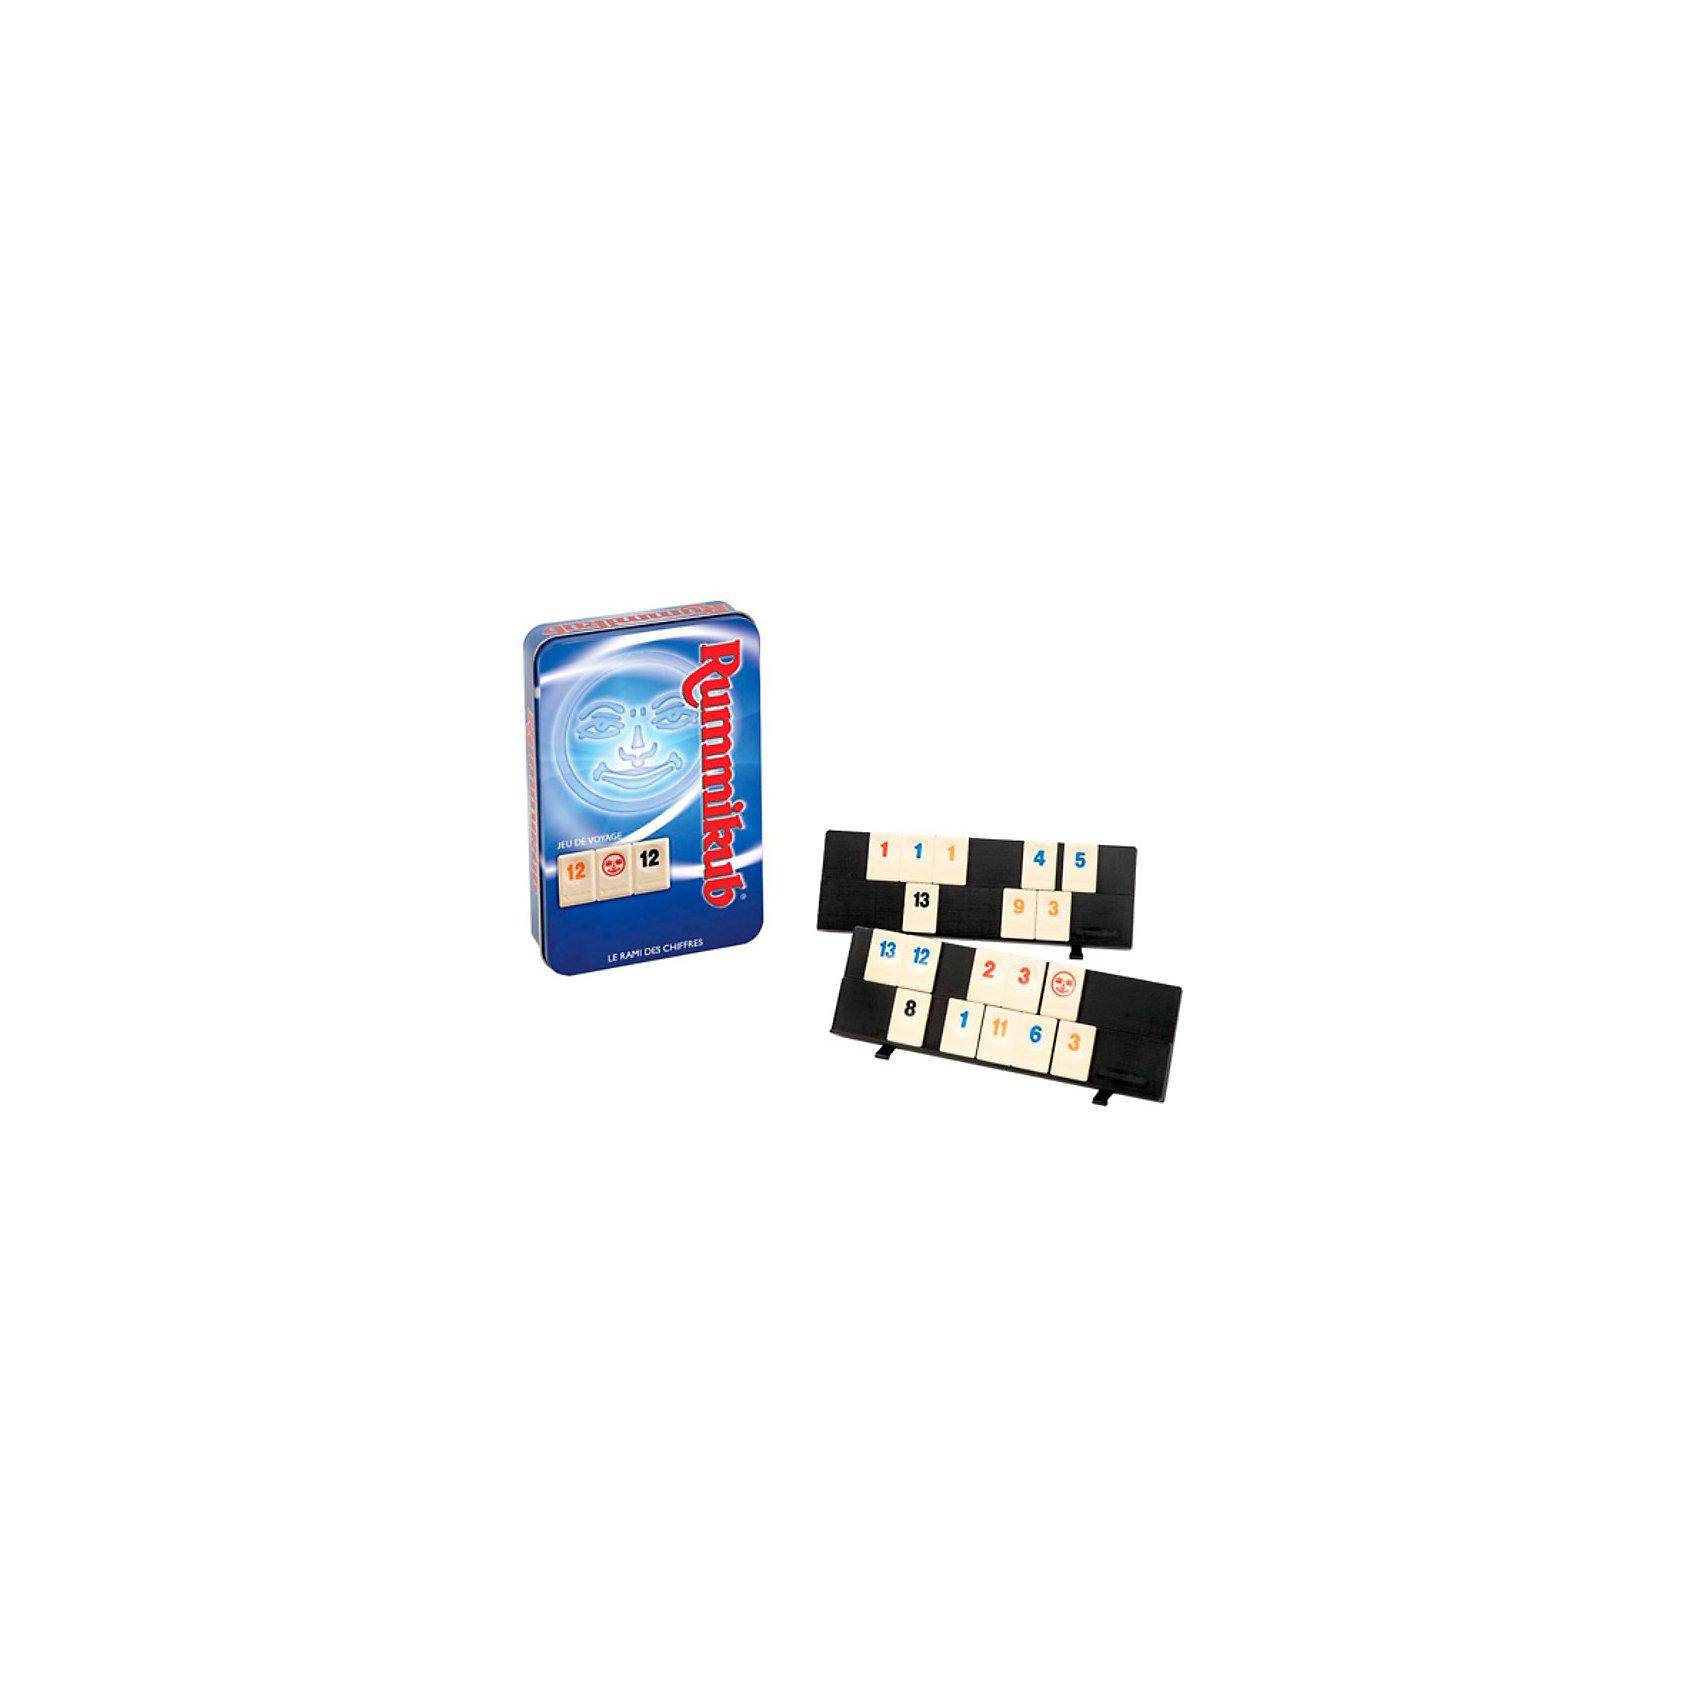 Игра Rummikub,  KODKODИгра Rummikub,  KODKOD (КОДКОД) – это  интересная и увлекательная игра как для детей так и для взрослых.<br>Компания Kodkod (Кодкод) выпустила версию популярной игры Руммикуб (Rummikub) в металлической коробке. Такая версия игры станет прекрасным подарком для ценителей логических настольных игр. Правила игры остались прежними: игроки должны как можно быстрее избавиться от своих фишек, собирая определенные комбинации и заработать наибольшее количество очков. Настольная игра Руммикуб (Rummikub) увлекает с первых минут игры. Можете не сомневаться, с этой замечательной игрой Вы проведете много незабываемых вечеров в кругу друзей.<br><br>Дополнительная информация:<br><br>- В комплекте: 106 фишек (в т.ч. 2 фишки-джокера), 4 подставки для фишек, правила игры на русском языке<br>- Количество игроков: от 2 до 4 человек<br>- Среднее время игры: 20 минут<br>- Материал: пластик<br>- Размер упаковки: 19х13х4.5 см.<br>- Вес: 200 гр.<br><br>Игру Rummikub,  KODKOD (КОДКОД) можно купить в нашем интернет-магазине.<br><br>Ширина мм: 130<br>Глубина мм: 198<br>Высота мм: 48<br>Вес г: 420<br>Возраст от месяцев: 84<br>Возраст до месяцев: 144<br>Пол: Унисекс<br>Возраст: Детский<br>SKU: 2513668